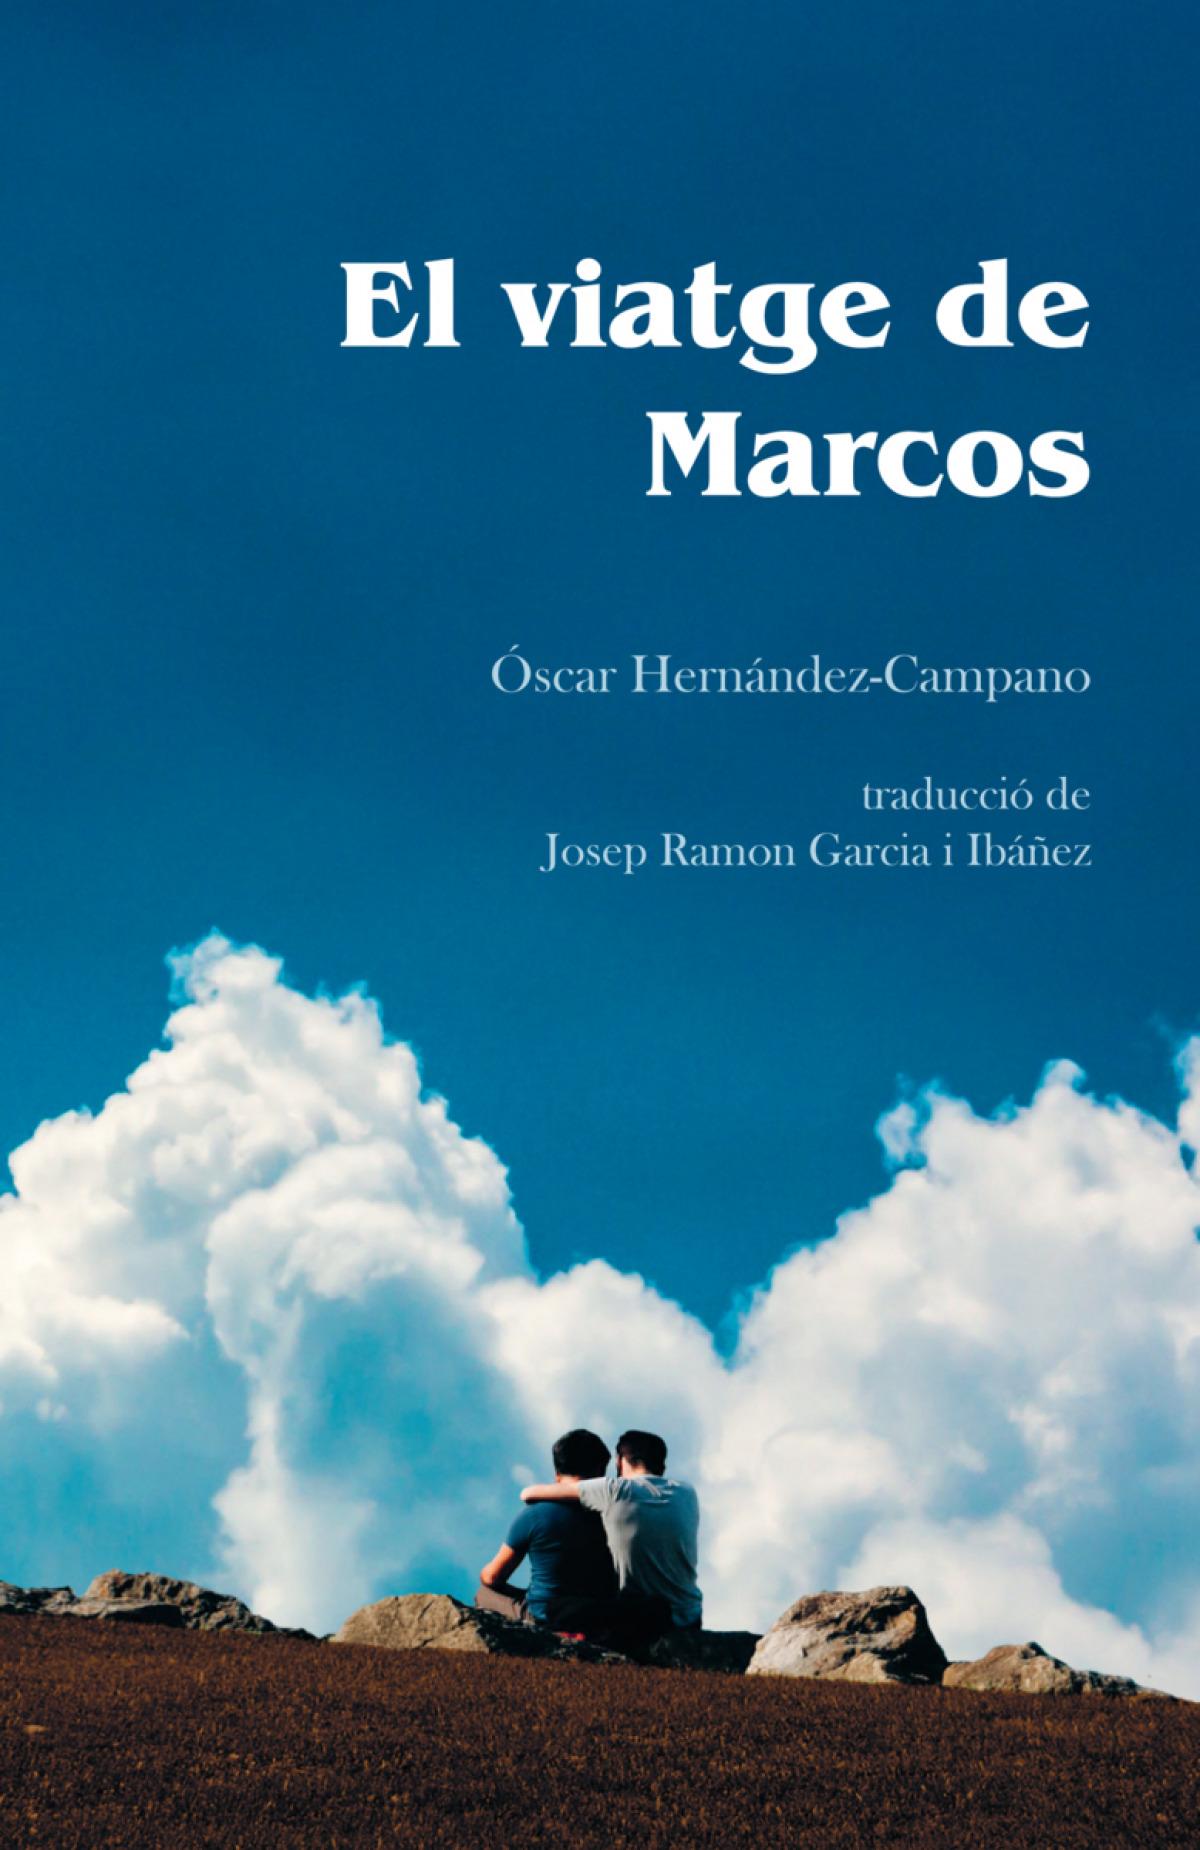 El viatge de Marcos